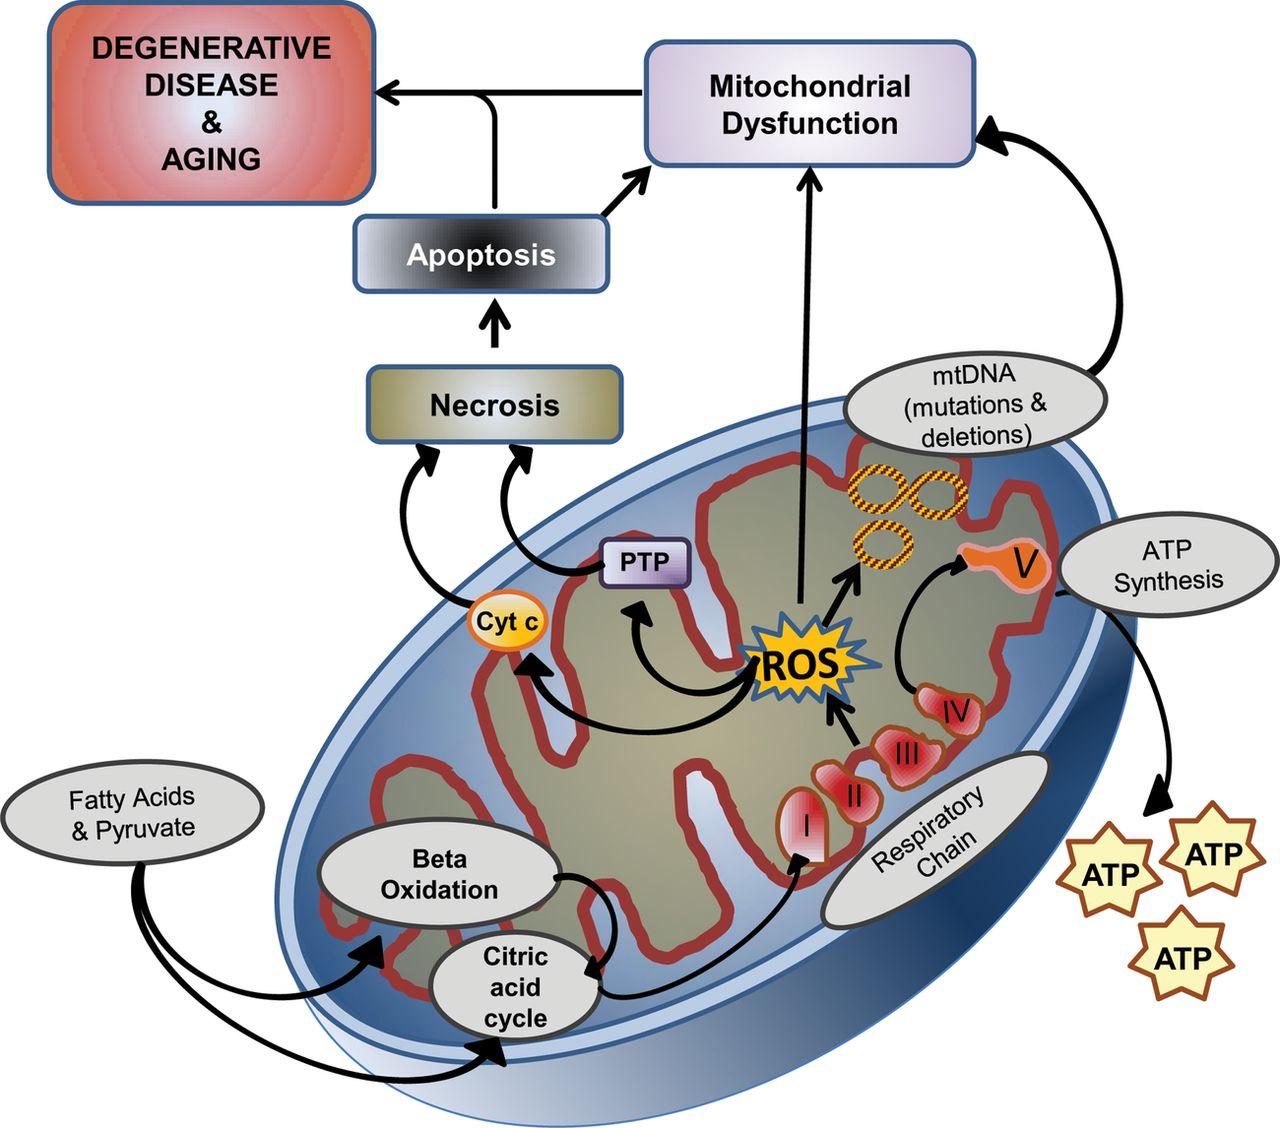 Accutane Degenerative Disease